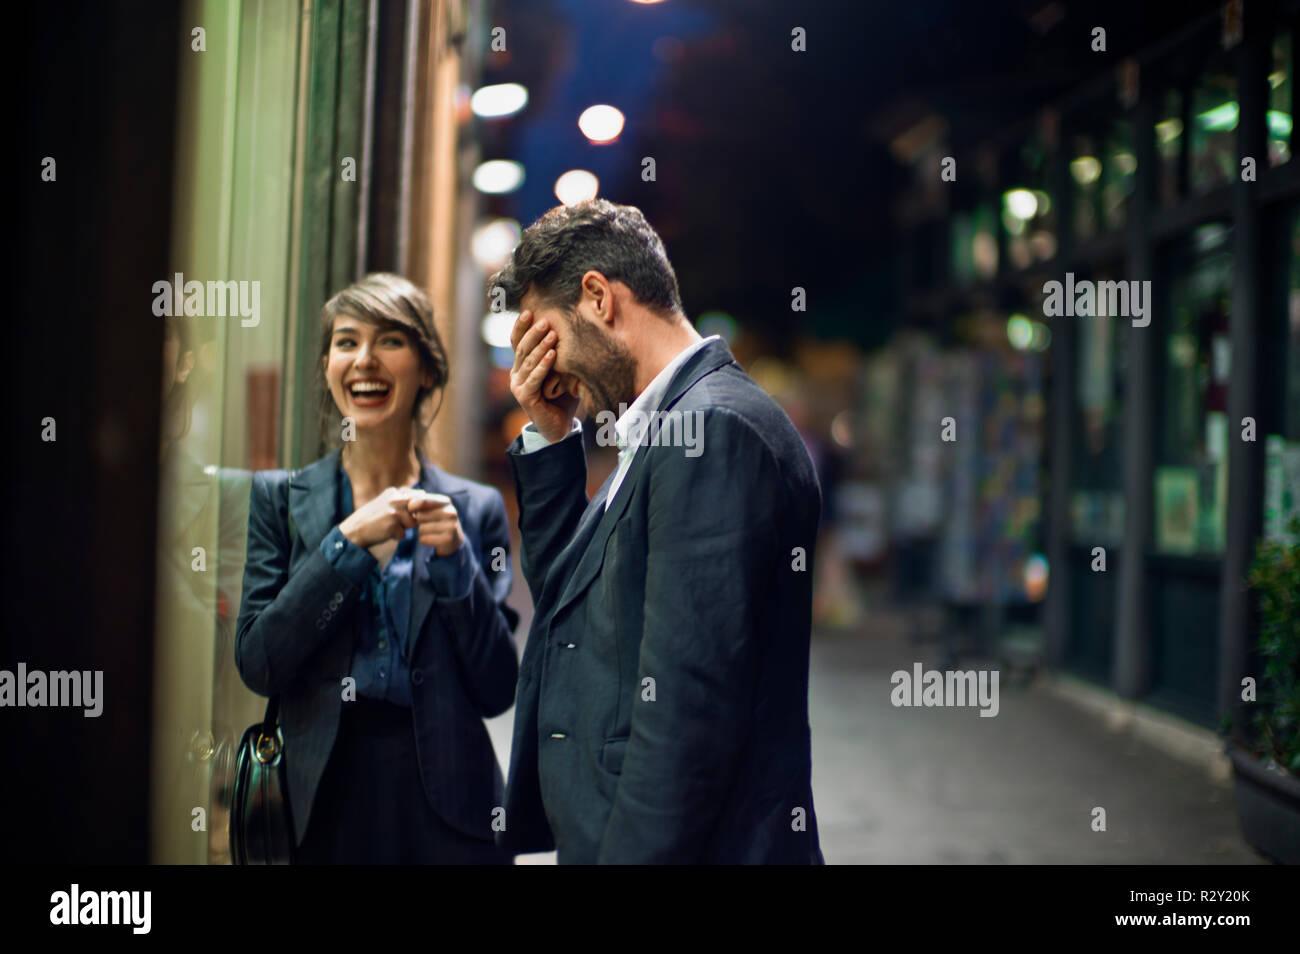 Joven se siente avergonzado por algo que acaba de decir mientras una fecha después del trabajo con un colega. Imagen De Stock